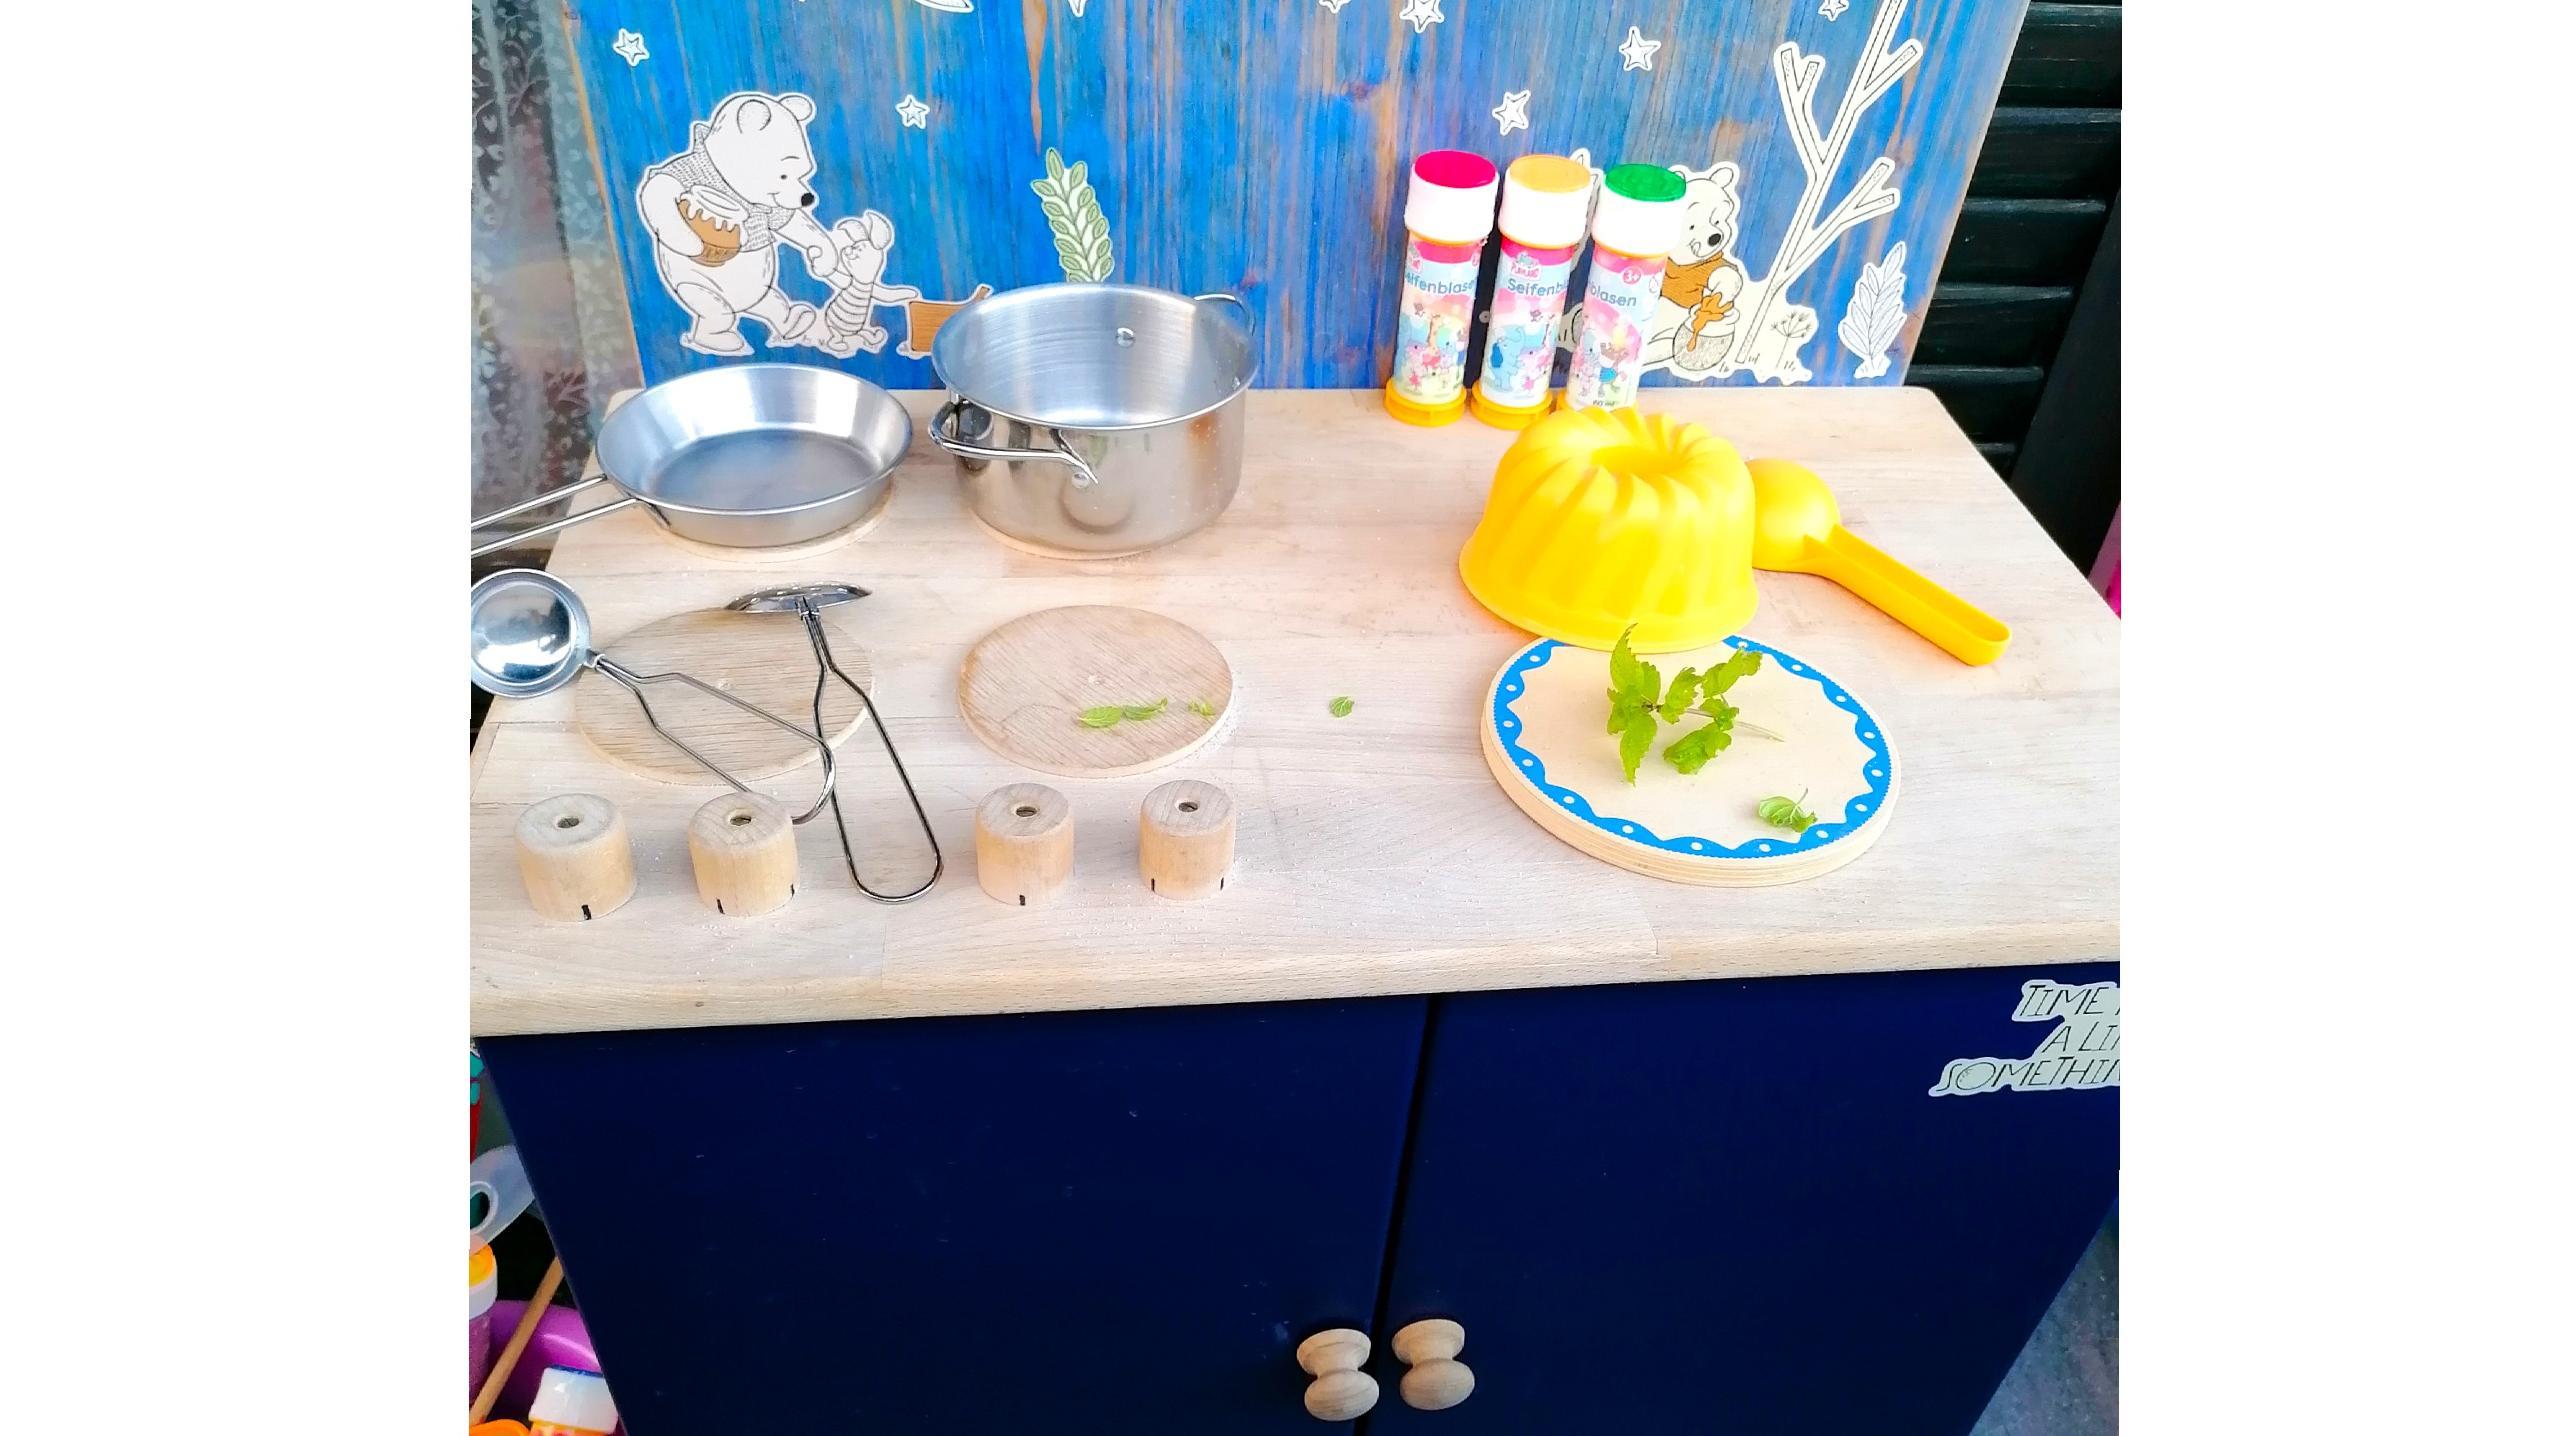 Eine Wasserspiele-Küche für Kinder können Sie für den Garten leicht selber bauen.